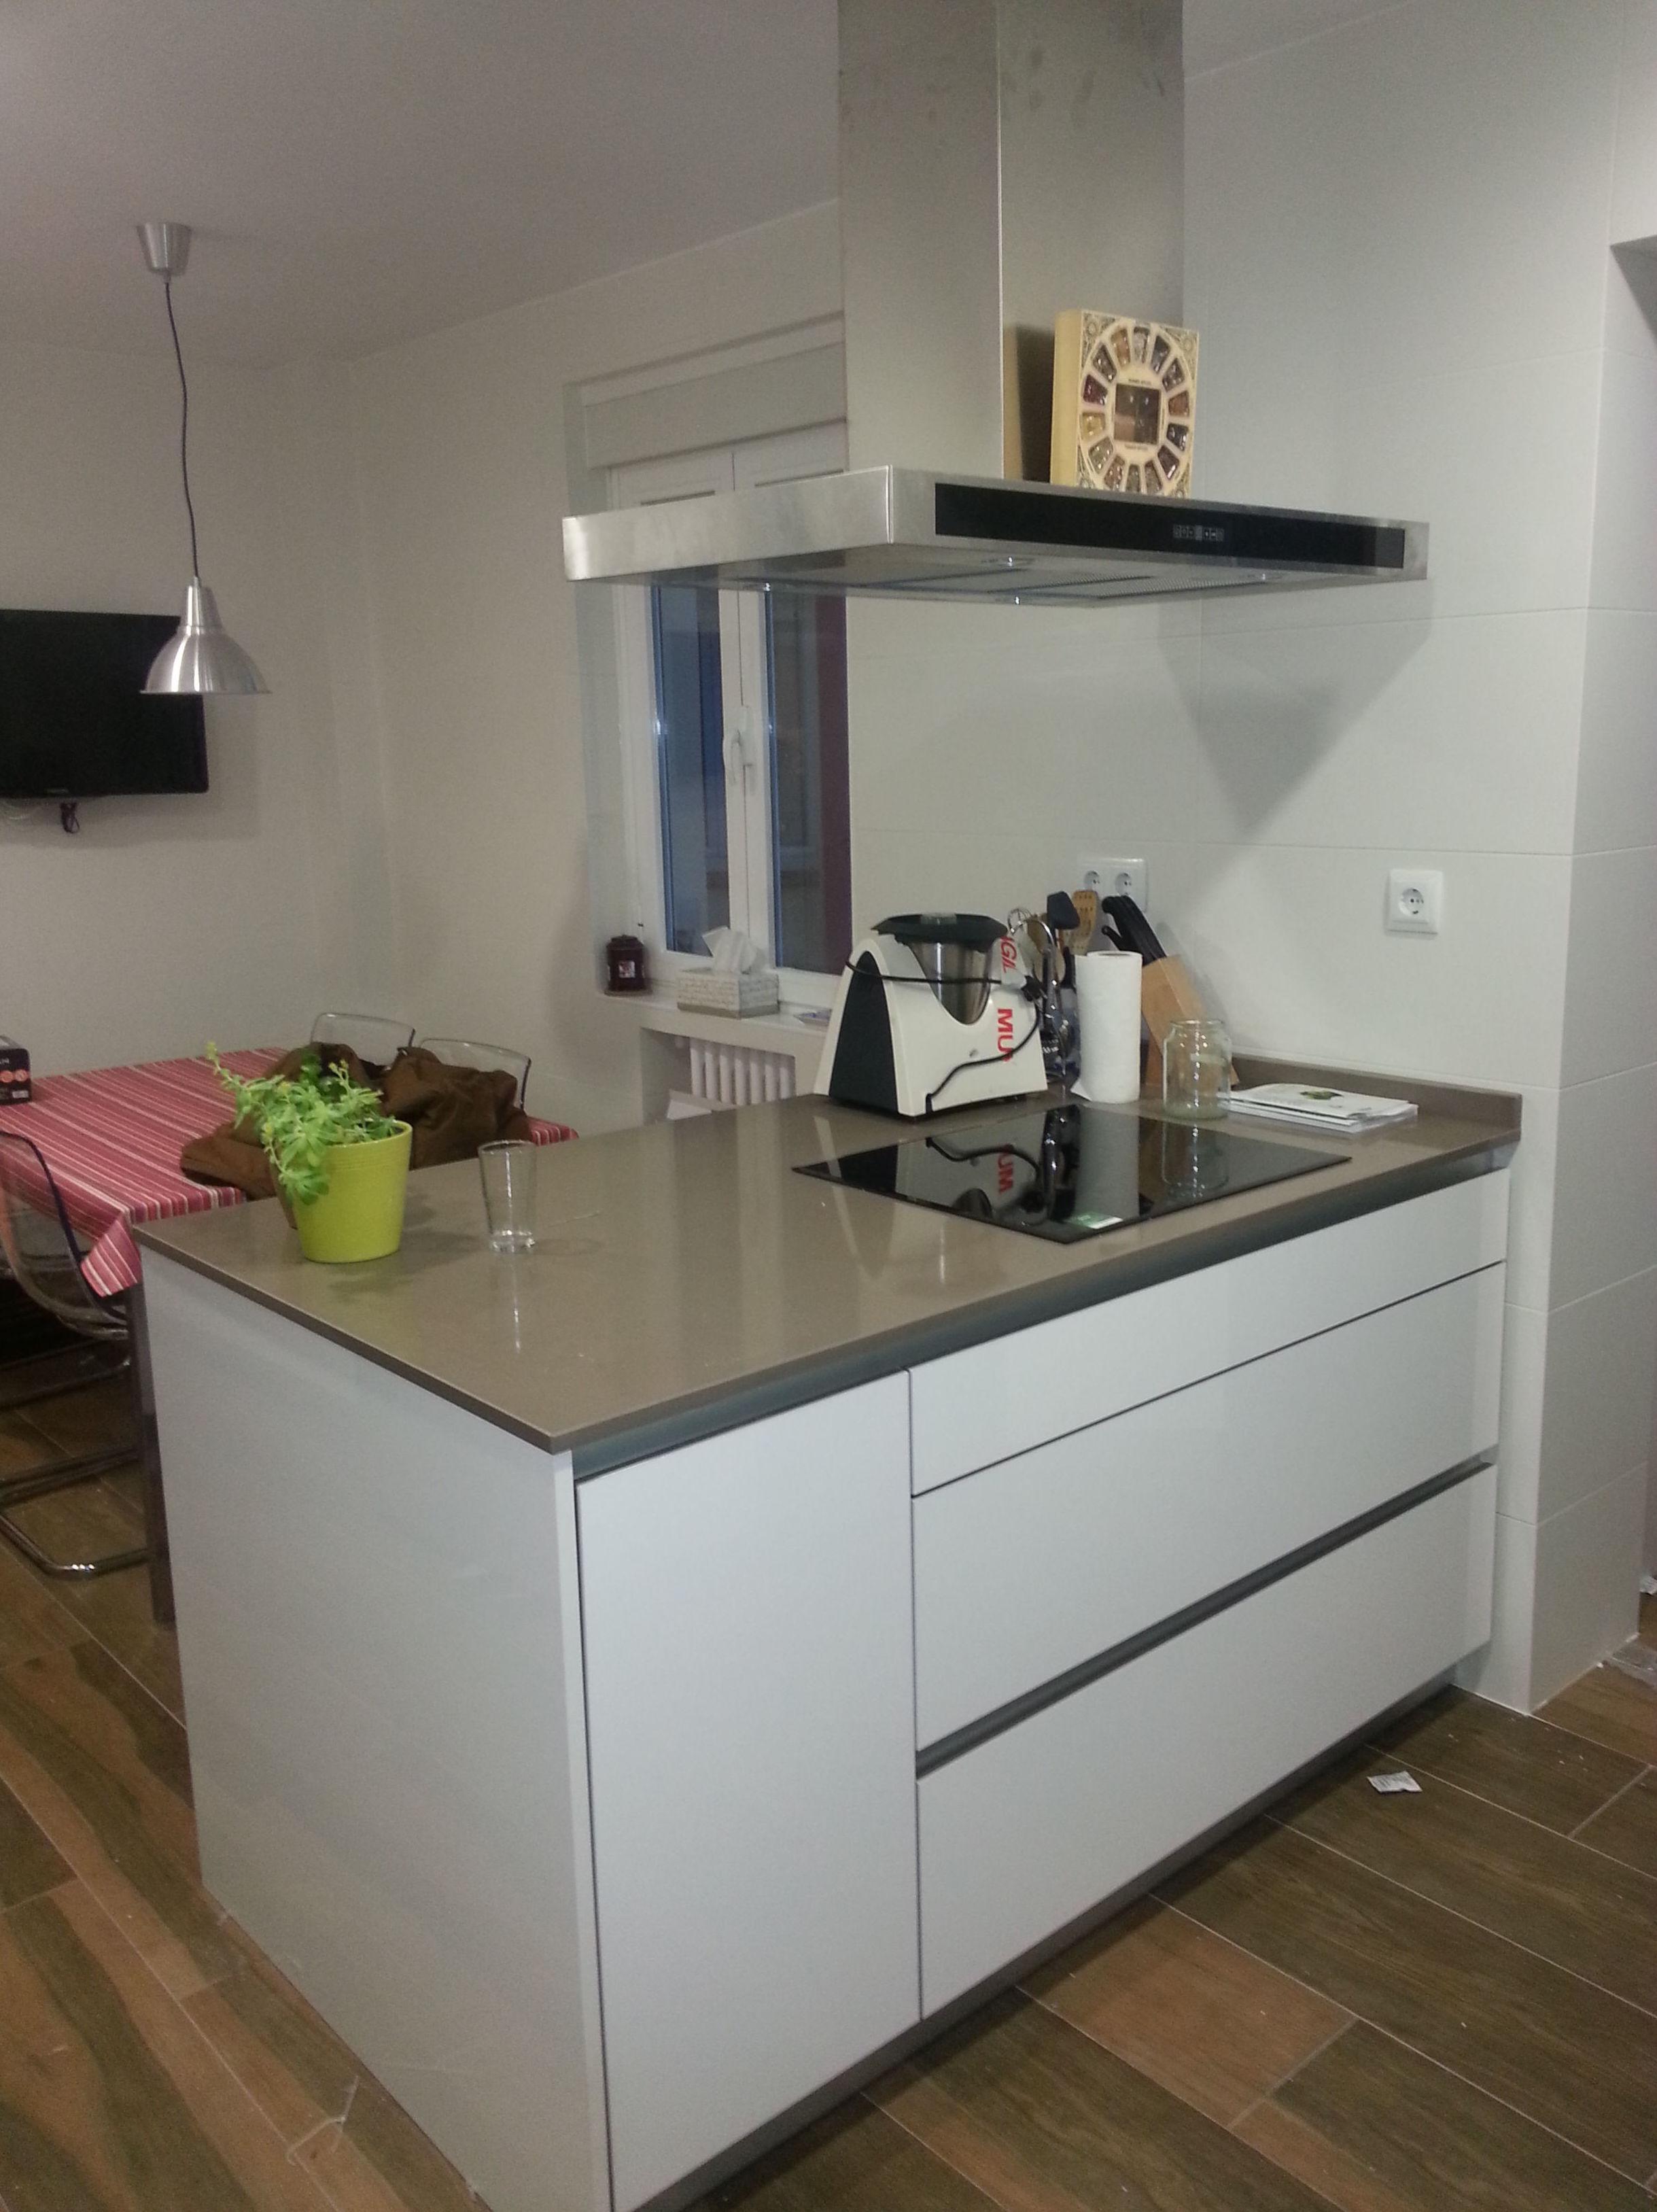 Foto 19 de Muebles de baño y cocina en Madrid | Estudios y Proyectos de Cocina Moderna